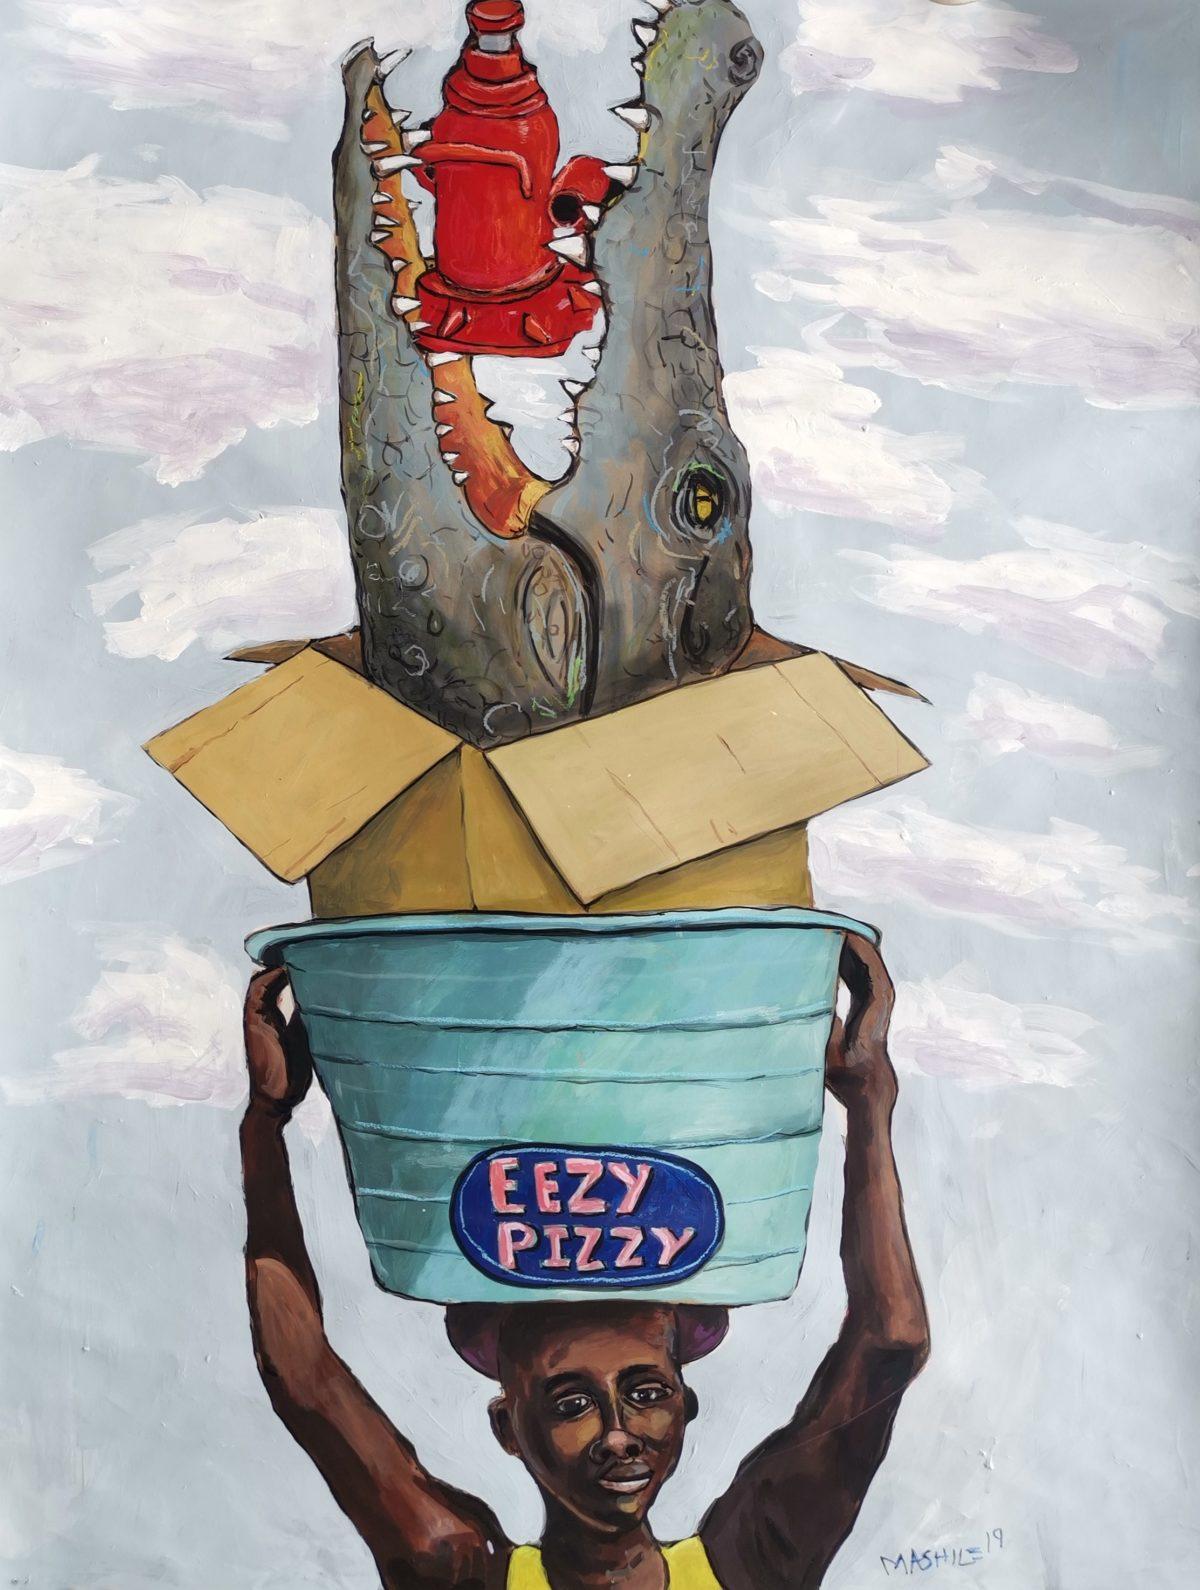 Colbert Mashile / Eezy Pizzy